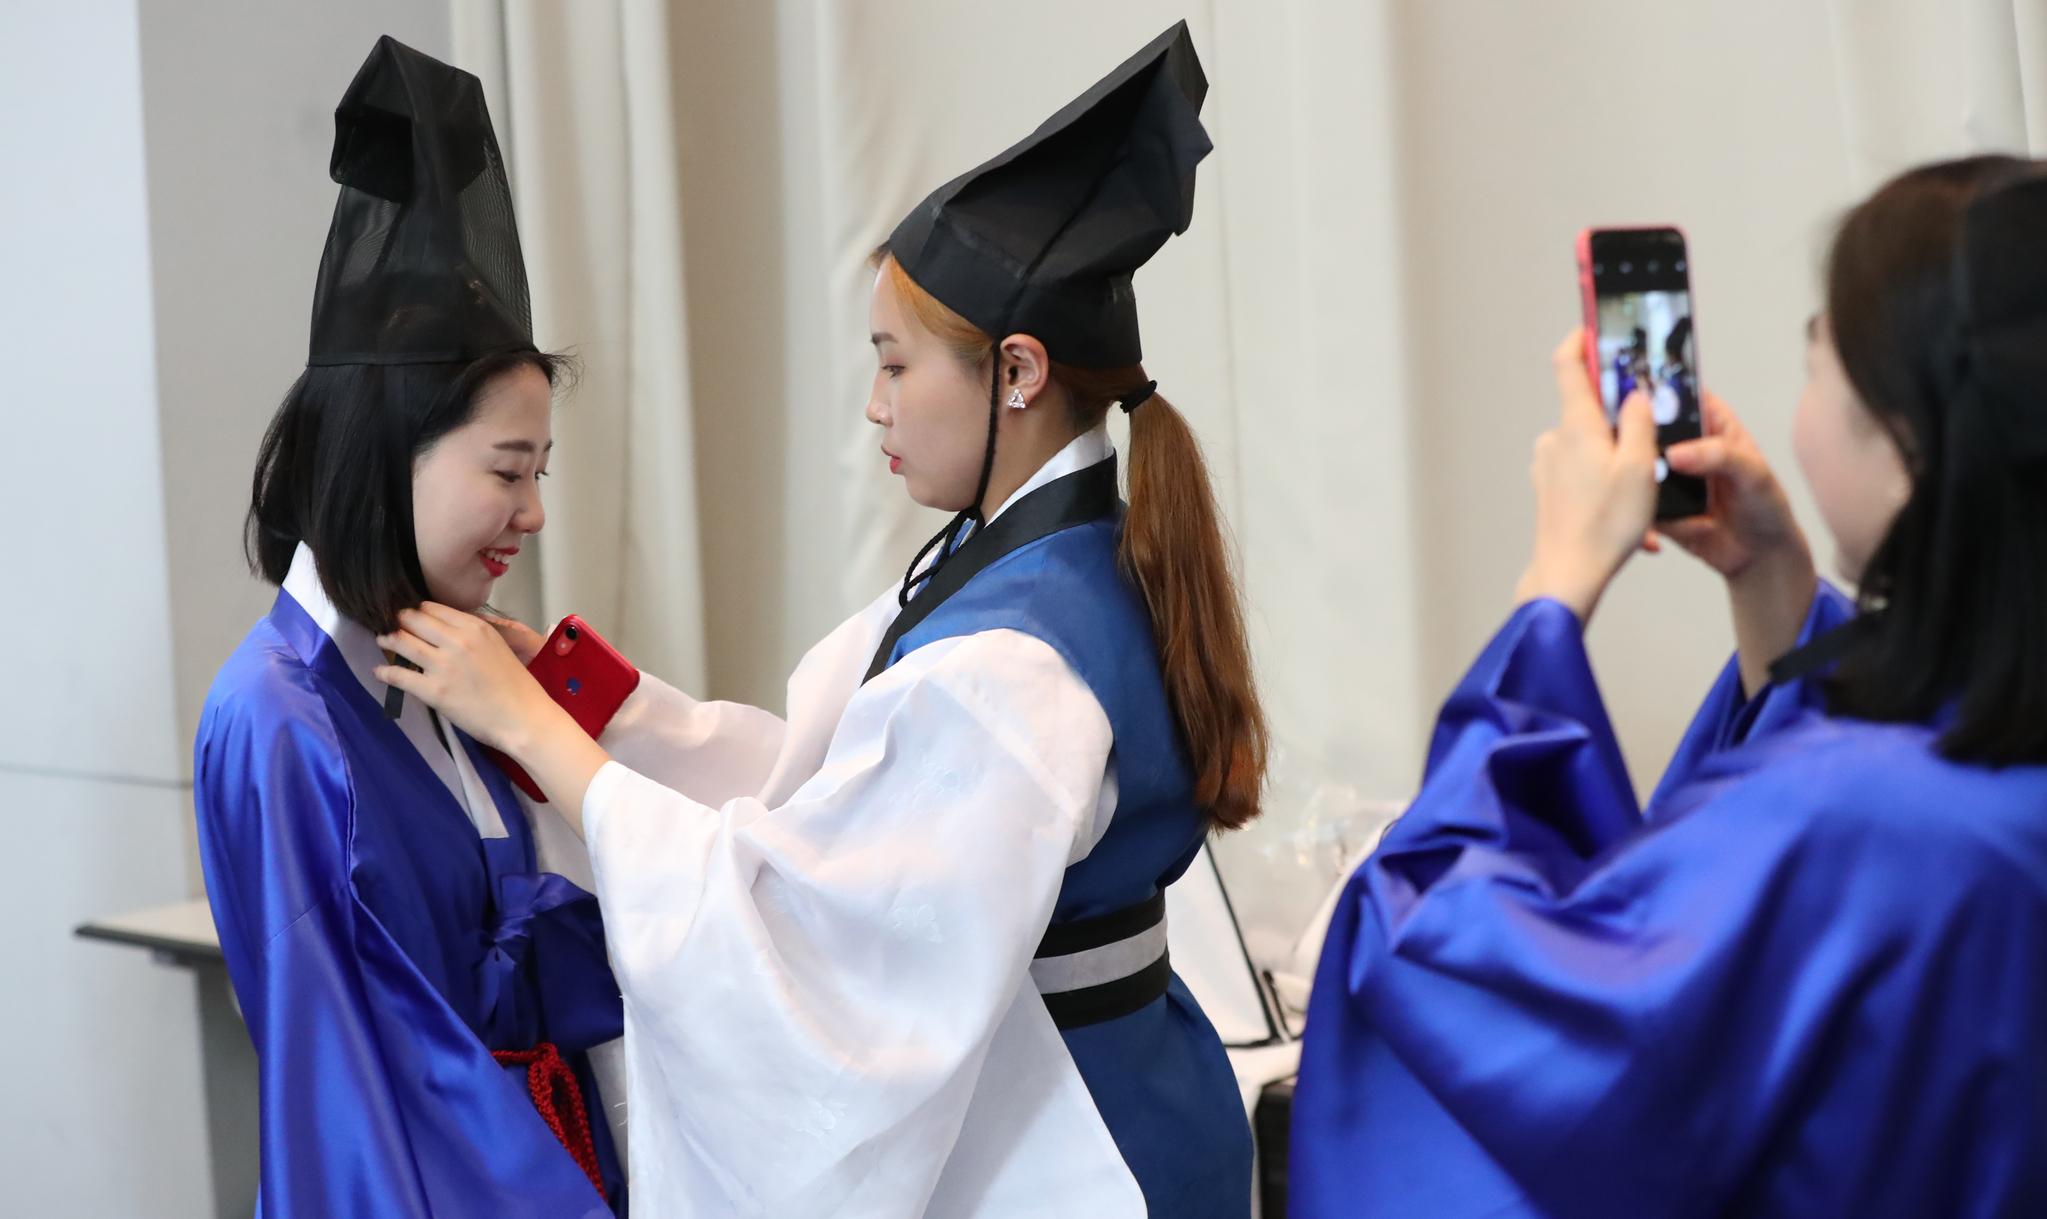 방방례에 앞서 학생들이 도포의 옷매무새를 다듬고 있다. 우상조 기자